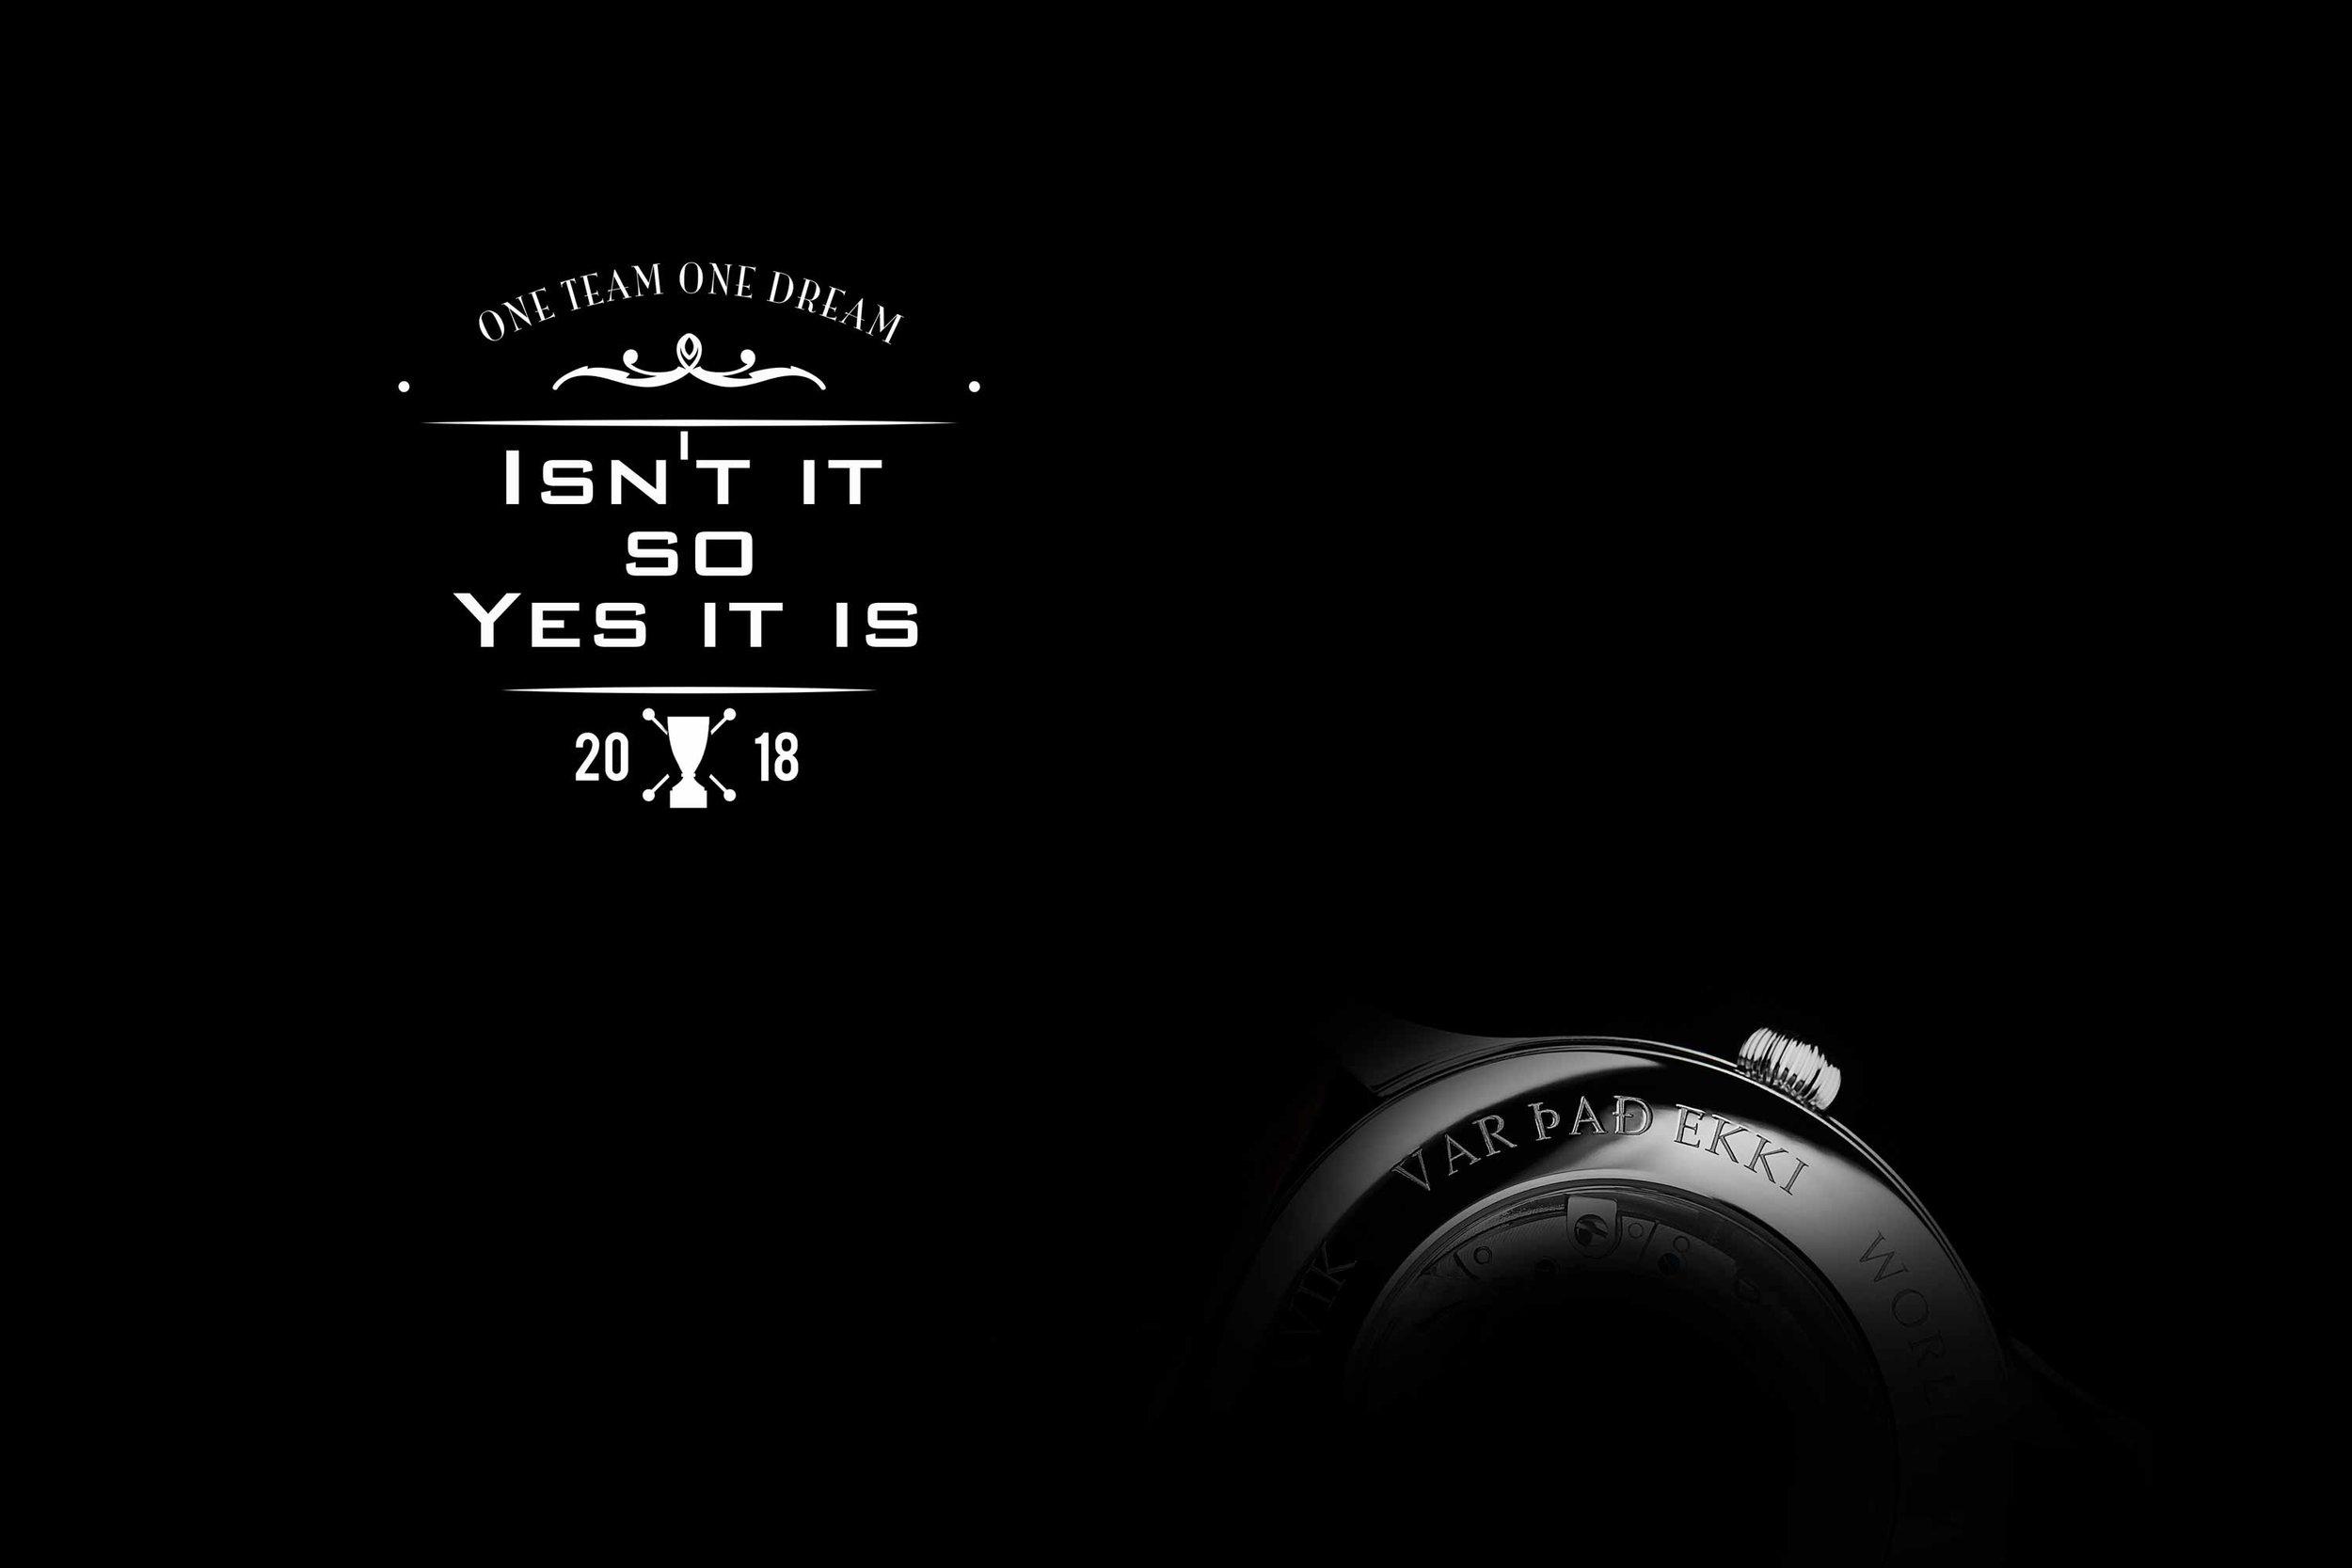 vardadekki-skilti-HM-2018-breytt.jpg